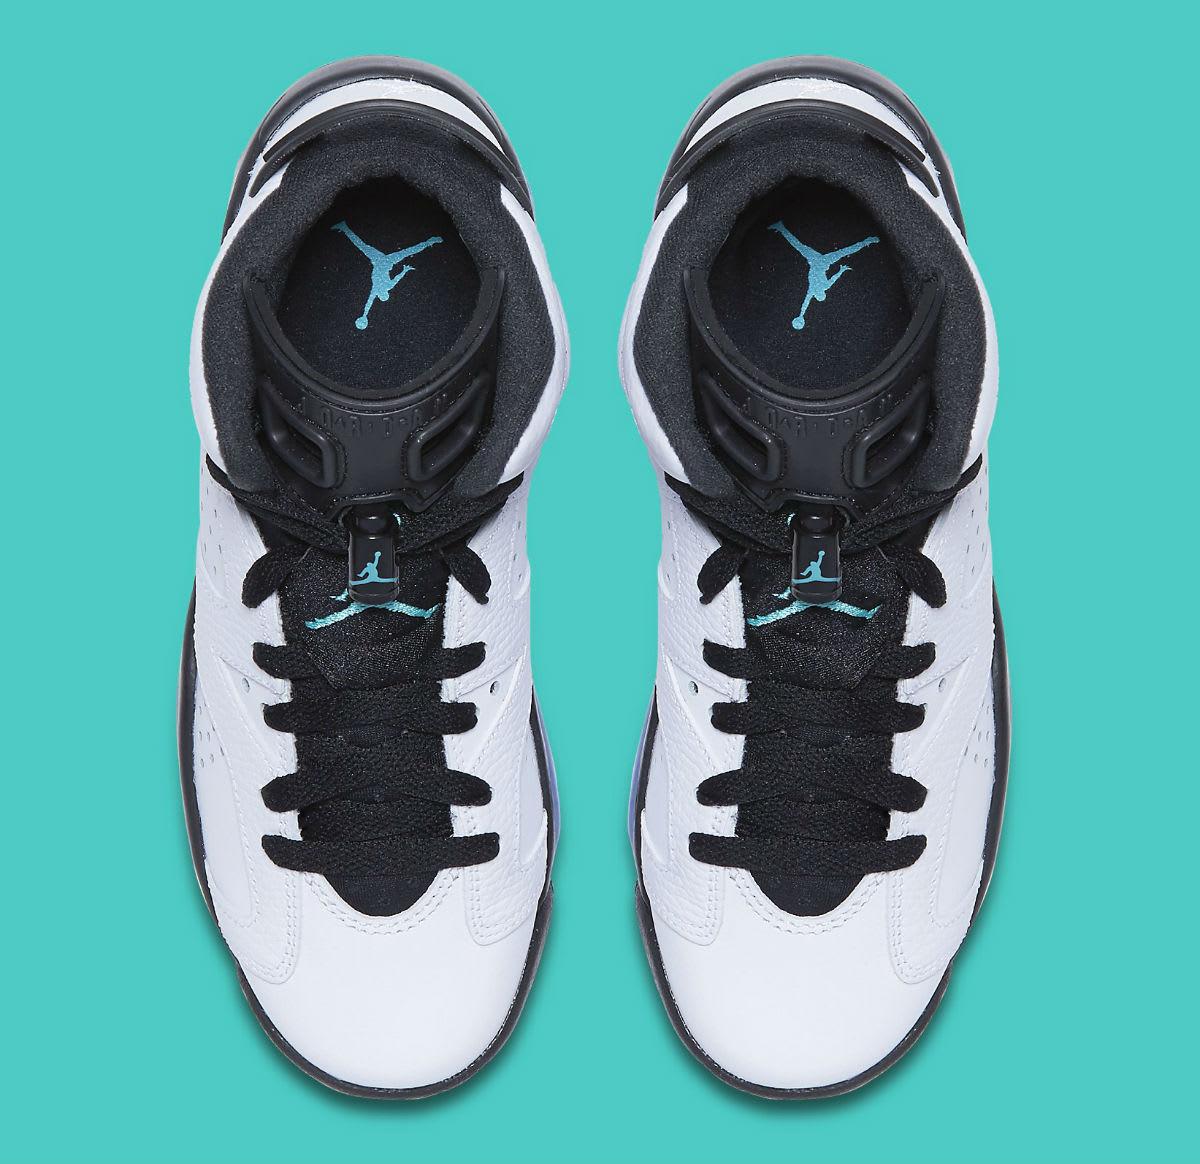 Air Jordan 6 GS White Black Jade Top 384665-122